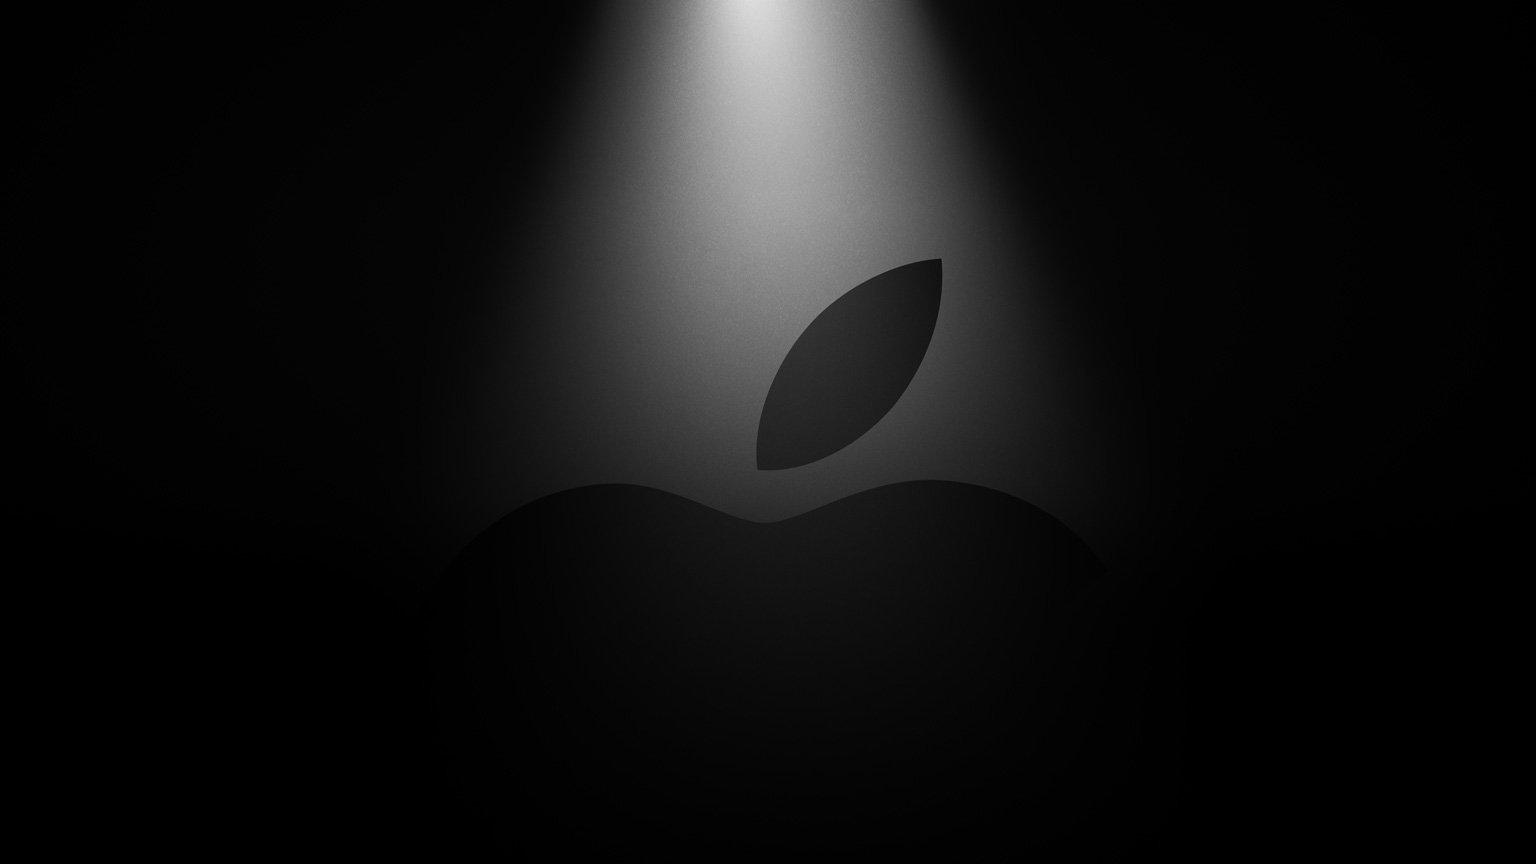 Gogle Apple mają rozkręcić rewolucję, której nie podołali giganci branży technologicznej